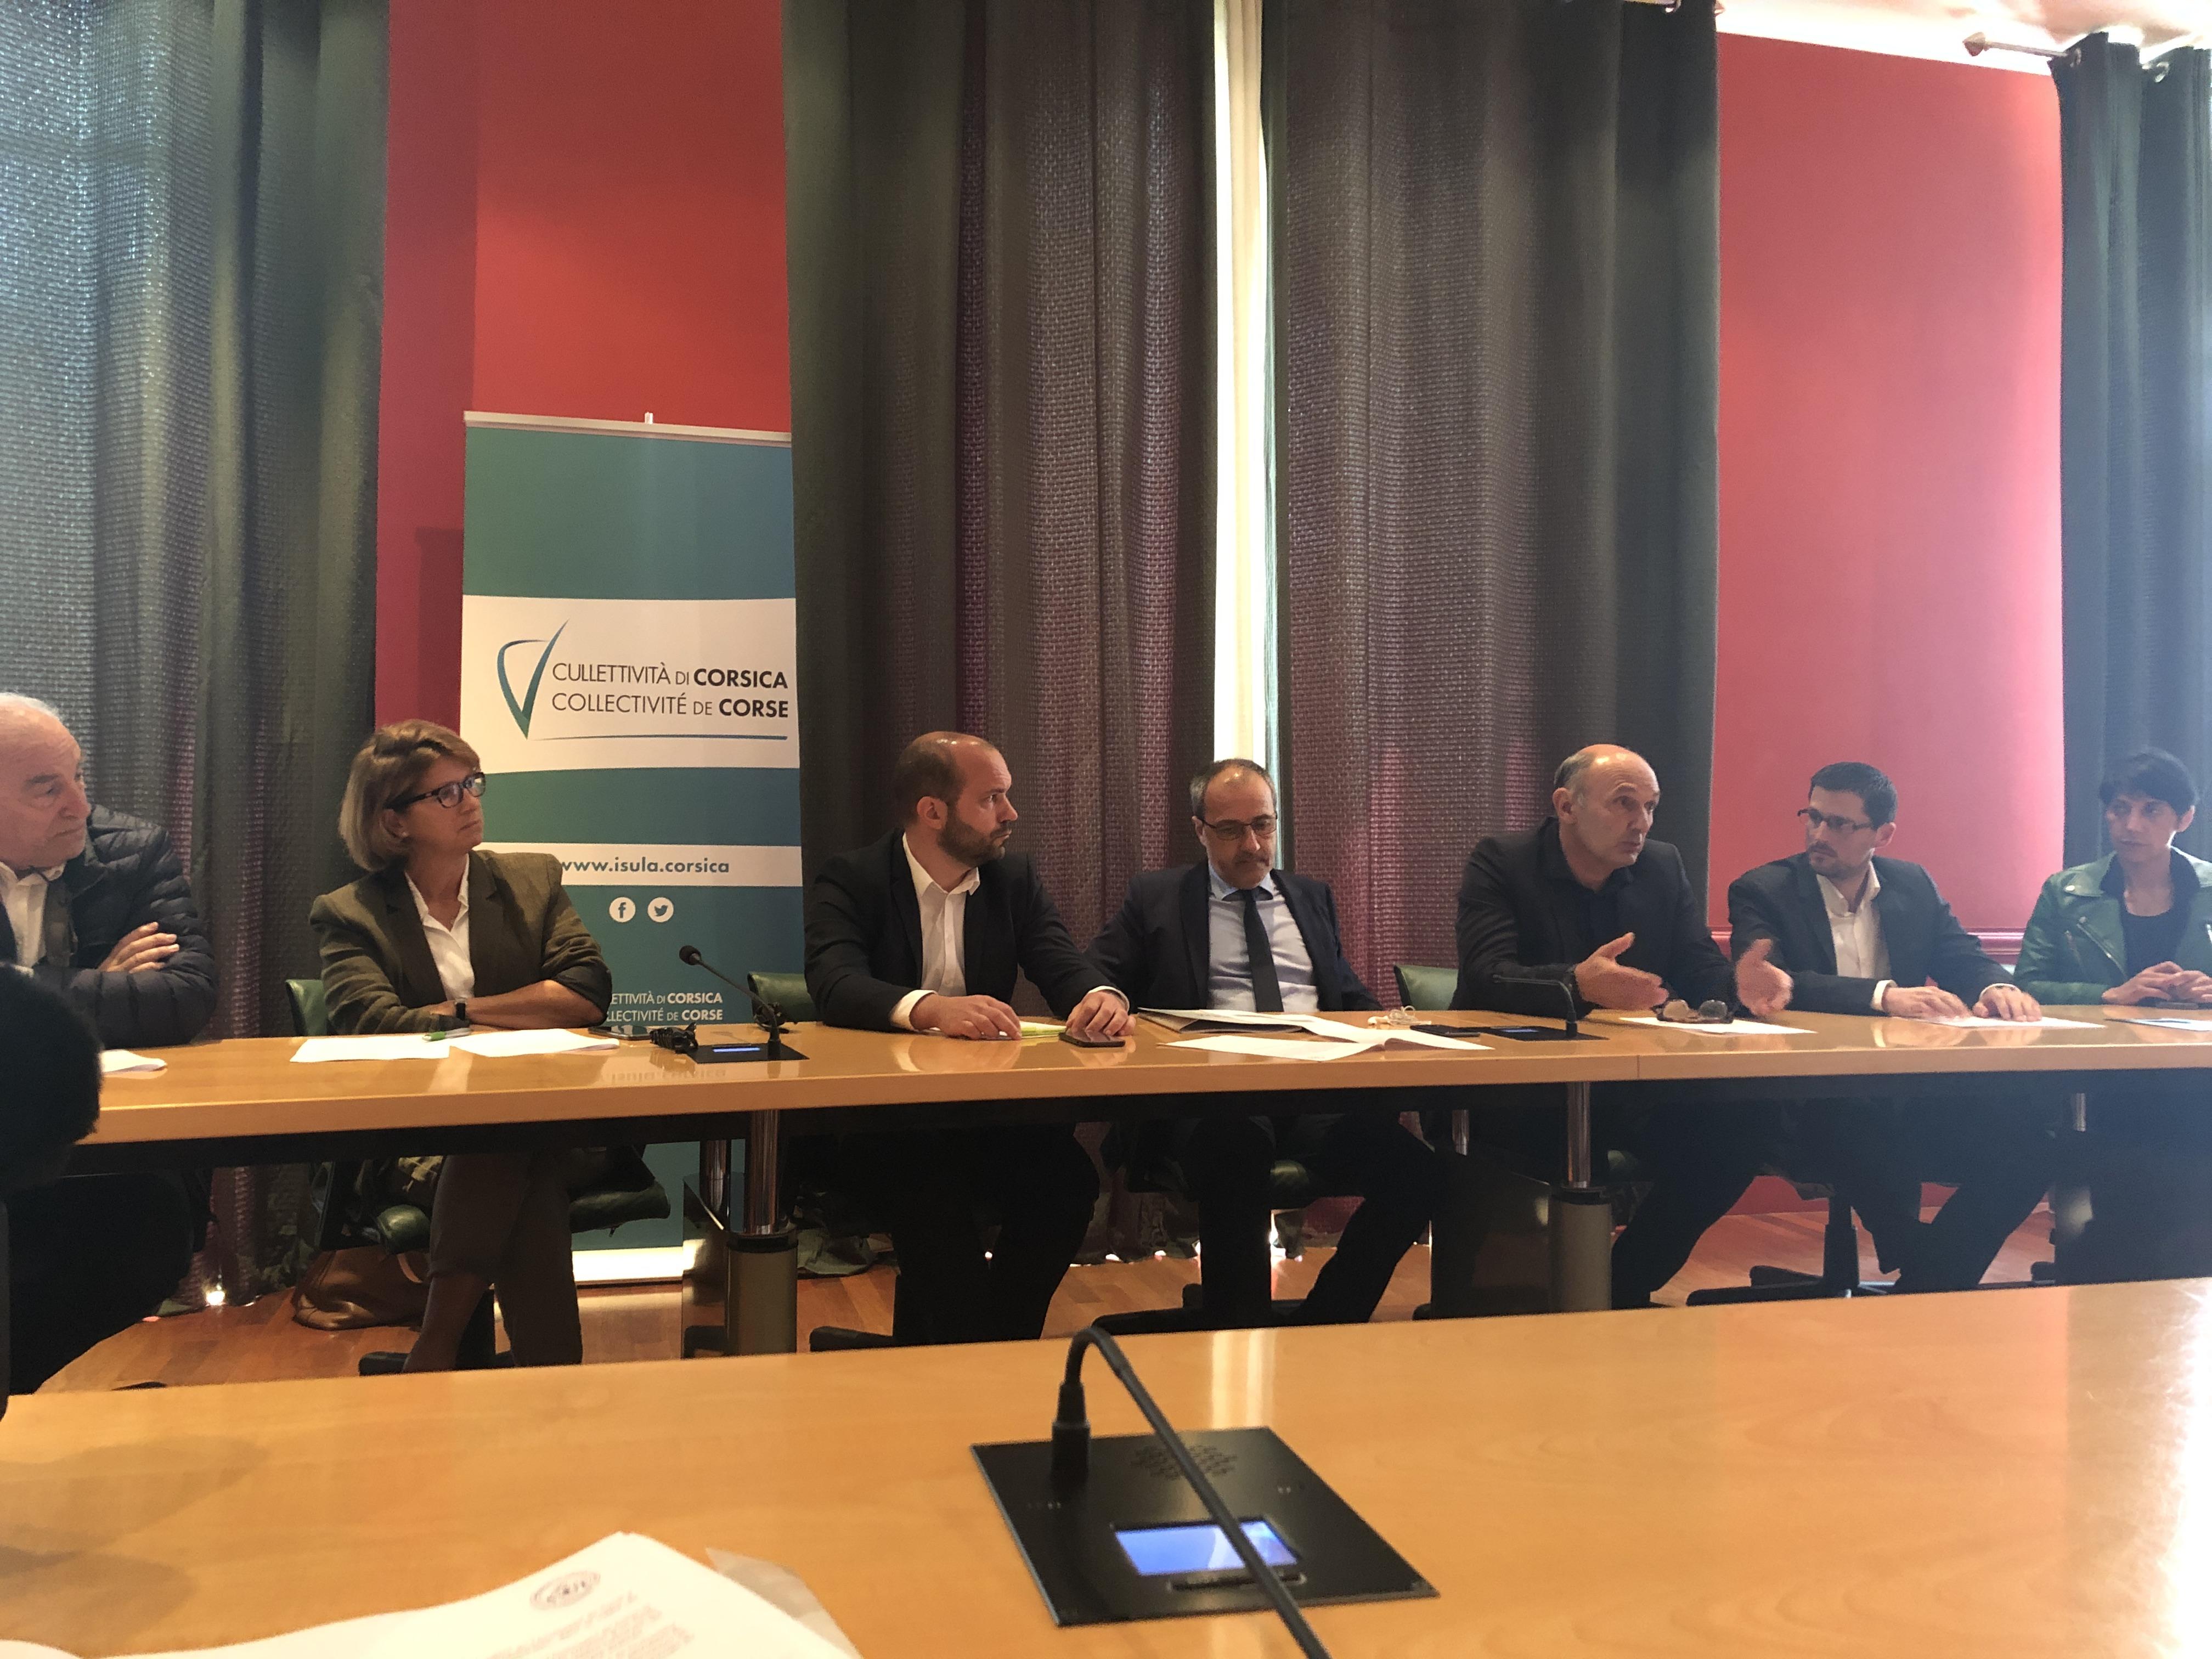 Assemblée de Corse : un fonds social de solidarité verra le jour prochainement